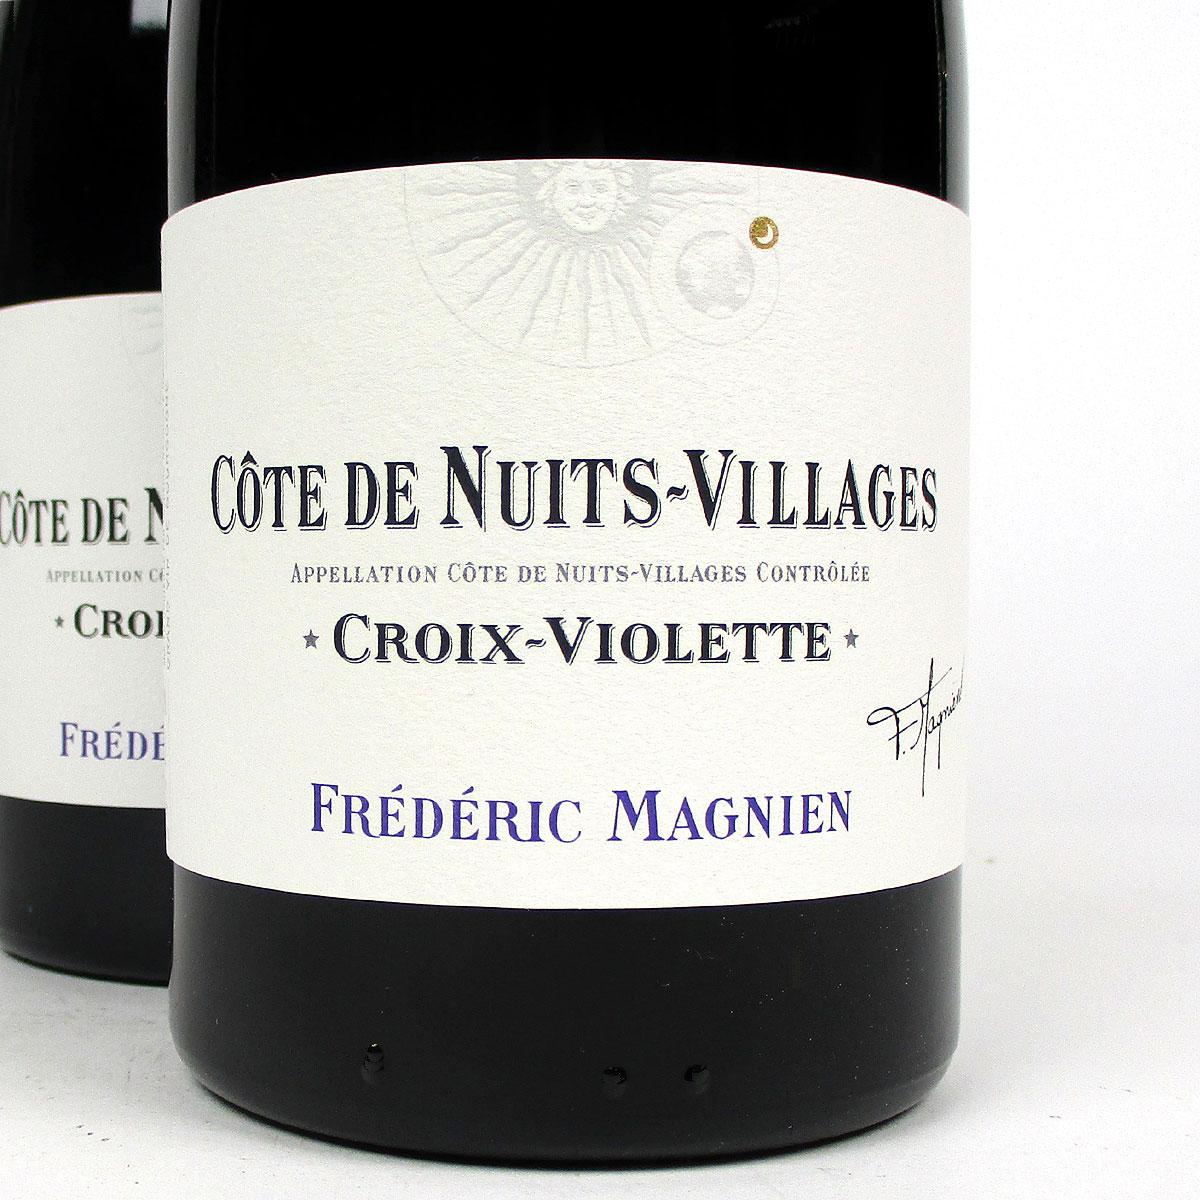 Côte de Nuits-Villages: Frédéric Magnien 'Croix Violette' 2017